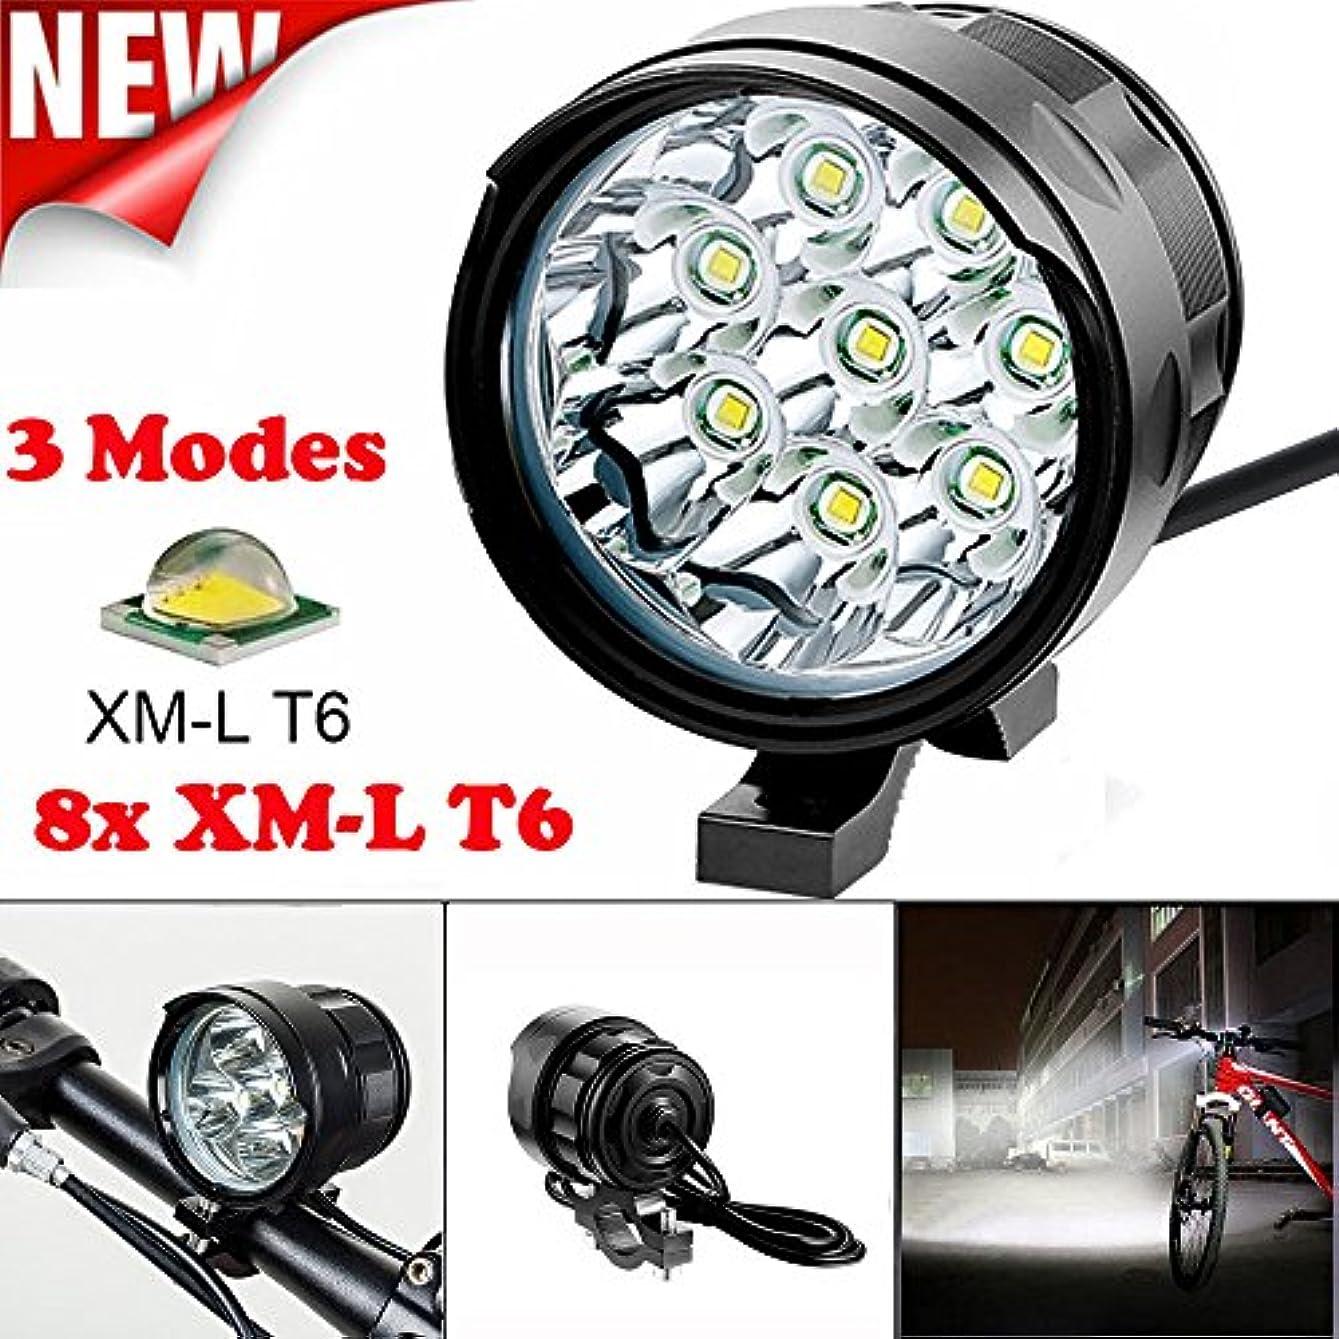 キャプチャーロープ空港TangQI 自転車用ライト LED 8x XM-L T6 LED 3モード 強力 最強 1 x 8.4V 15000mAhバッテリーパック 明るい 自転車アクセサリー シンプル 簡単に取り付け 軽量 高品質 頑丈 耐久性 他の自動車に注意される